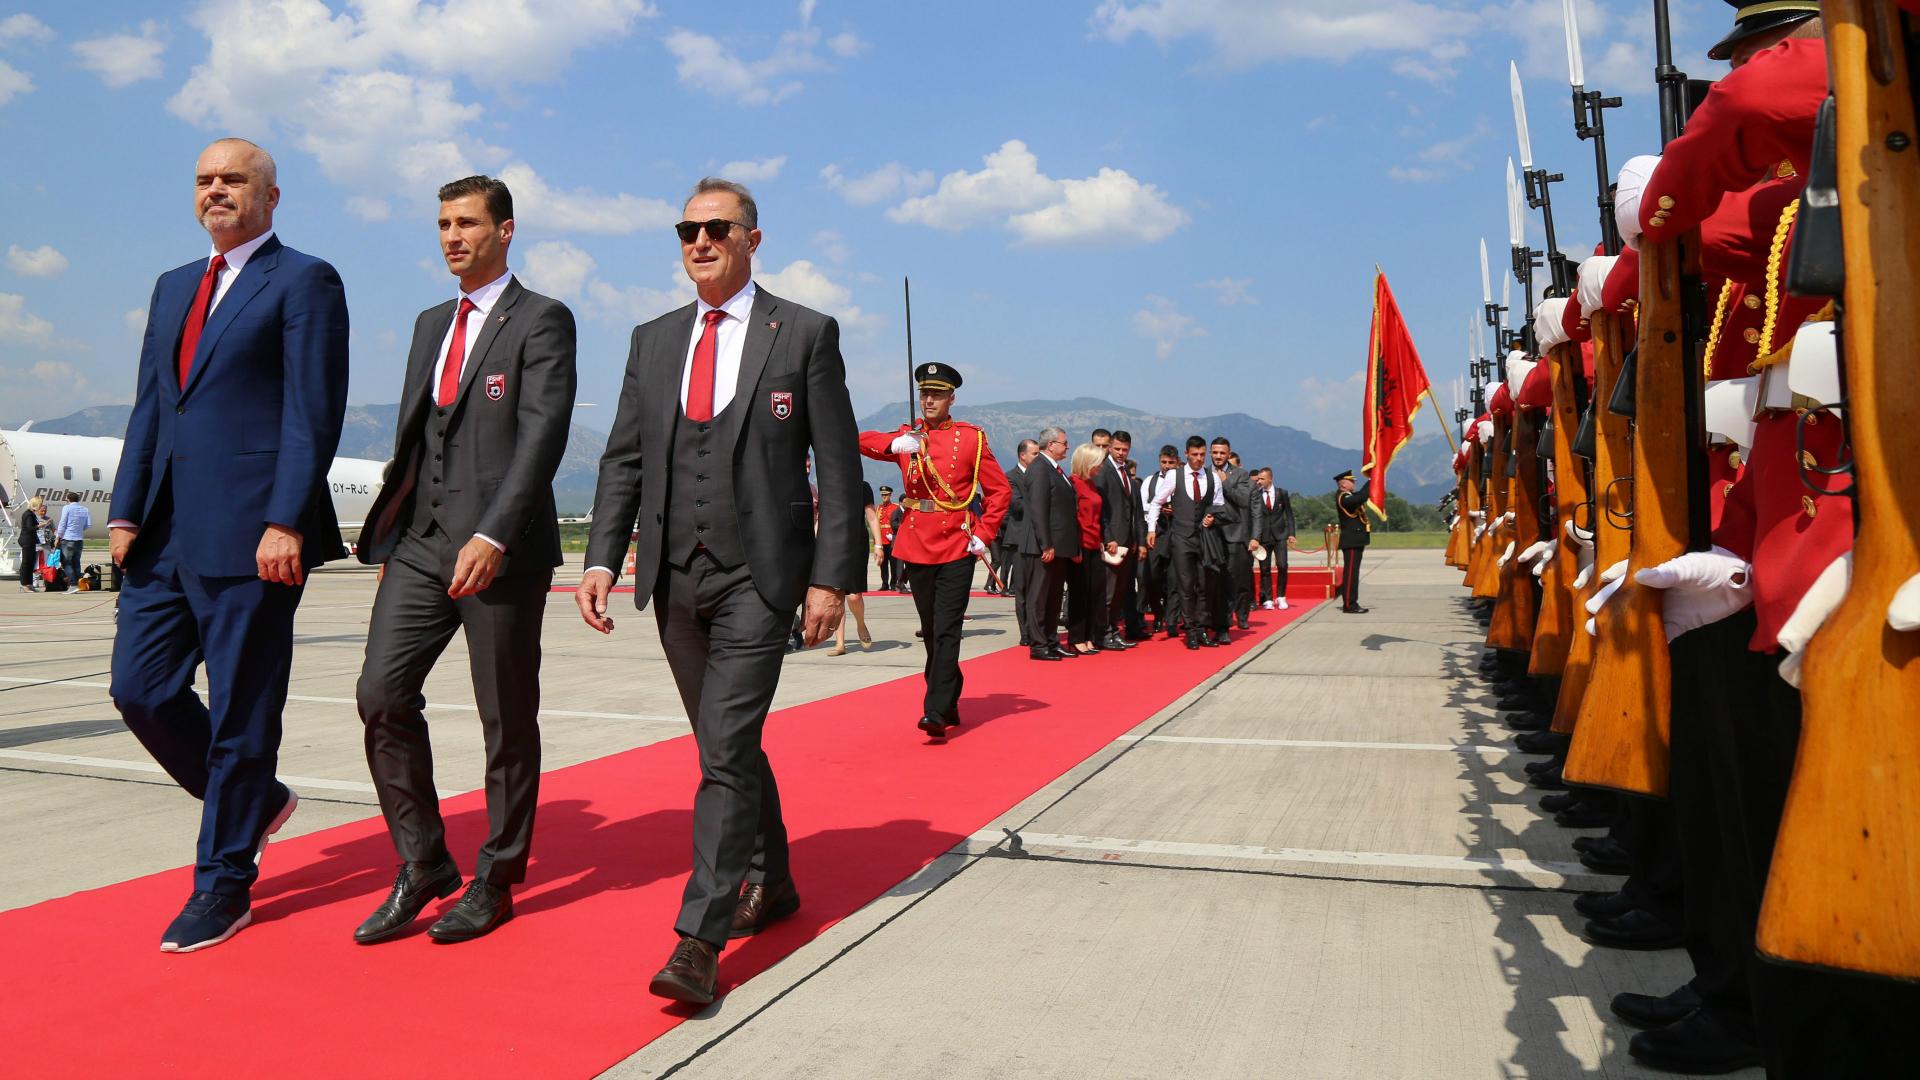 Romania Albania 0-1, orgoglio Tirana, Paese sogna con De Biasi